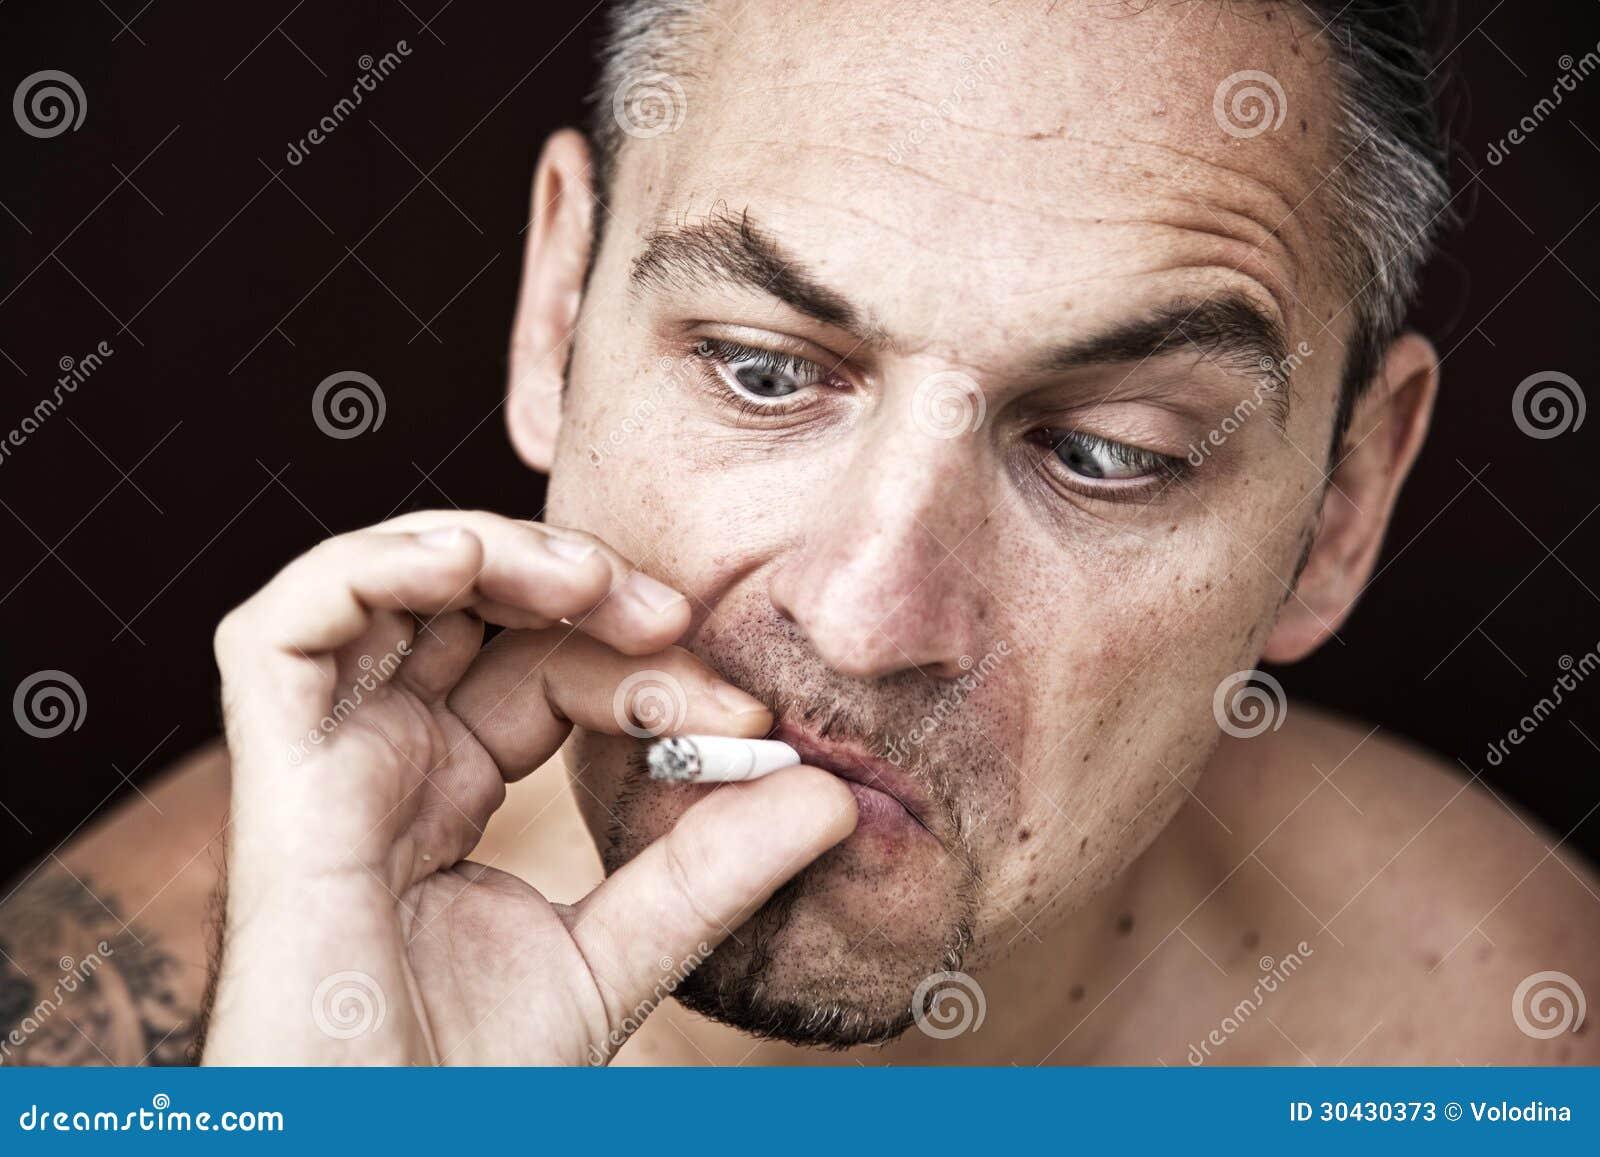 Elle veut Men smoking cigarettes the blonde